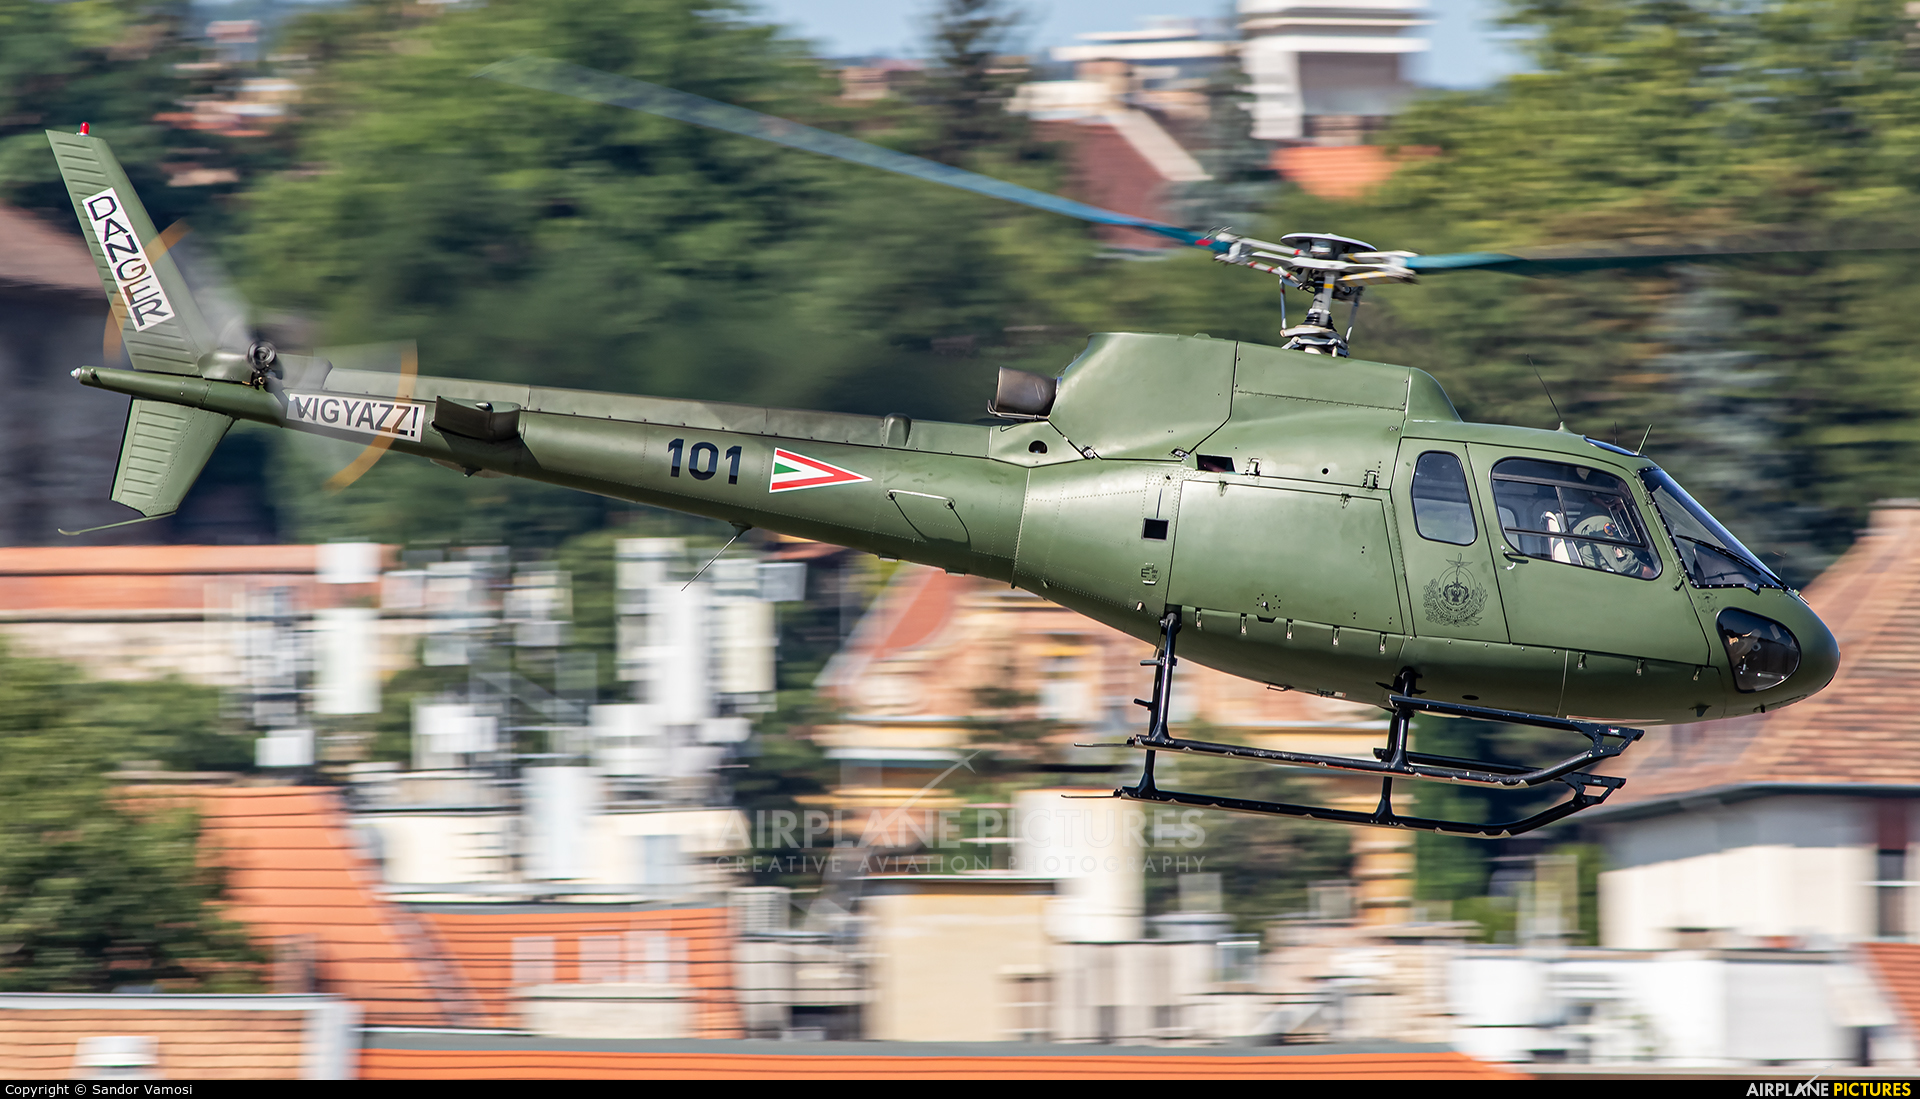 Hungary - Air Force 101 aircraft at Off Airport - Hungary